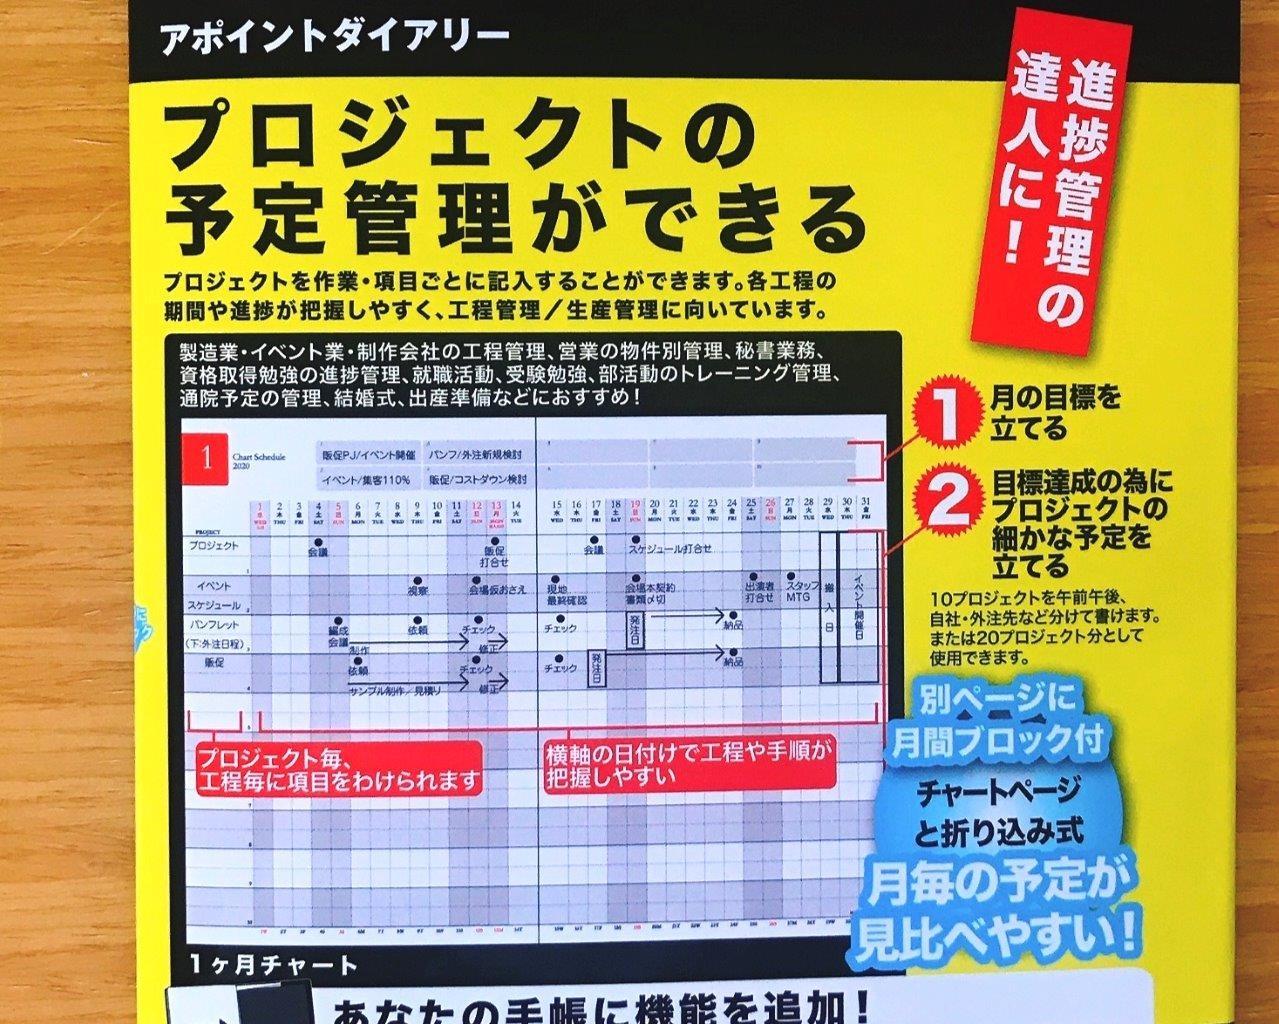 使い方をイメージしやすいよう、帯にガントチャートの記入例がある (撮影:大吉紗央里)